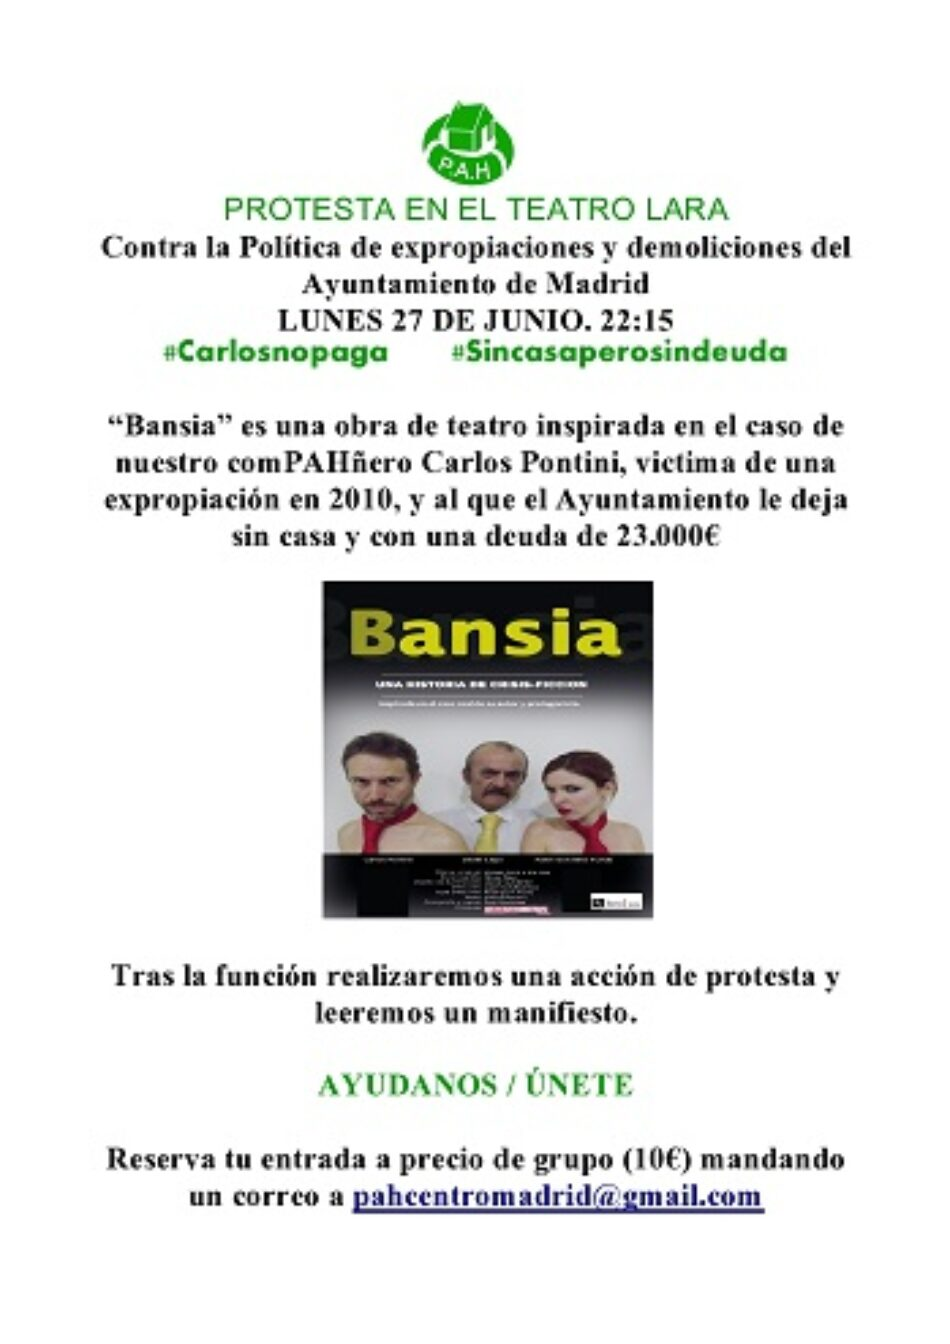 """PAH Madrid convoca a una acción de protesta en el Teatro Lara, tras la representación de la obra """"Bansia"""""""